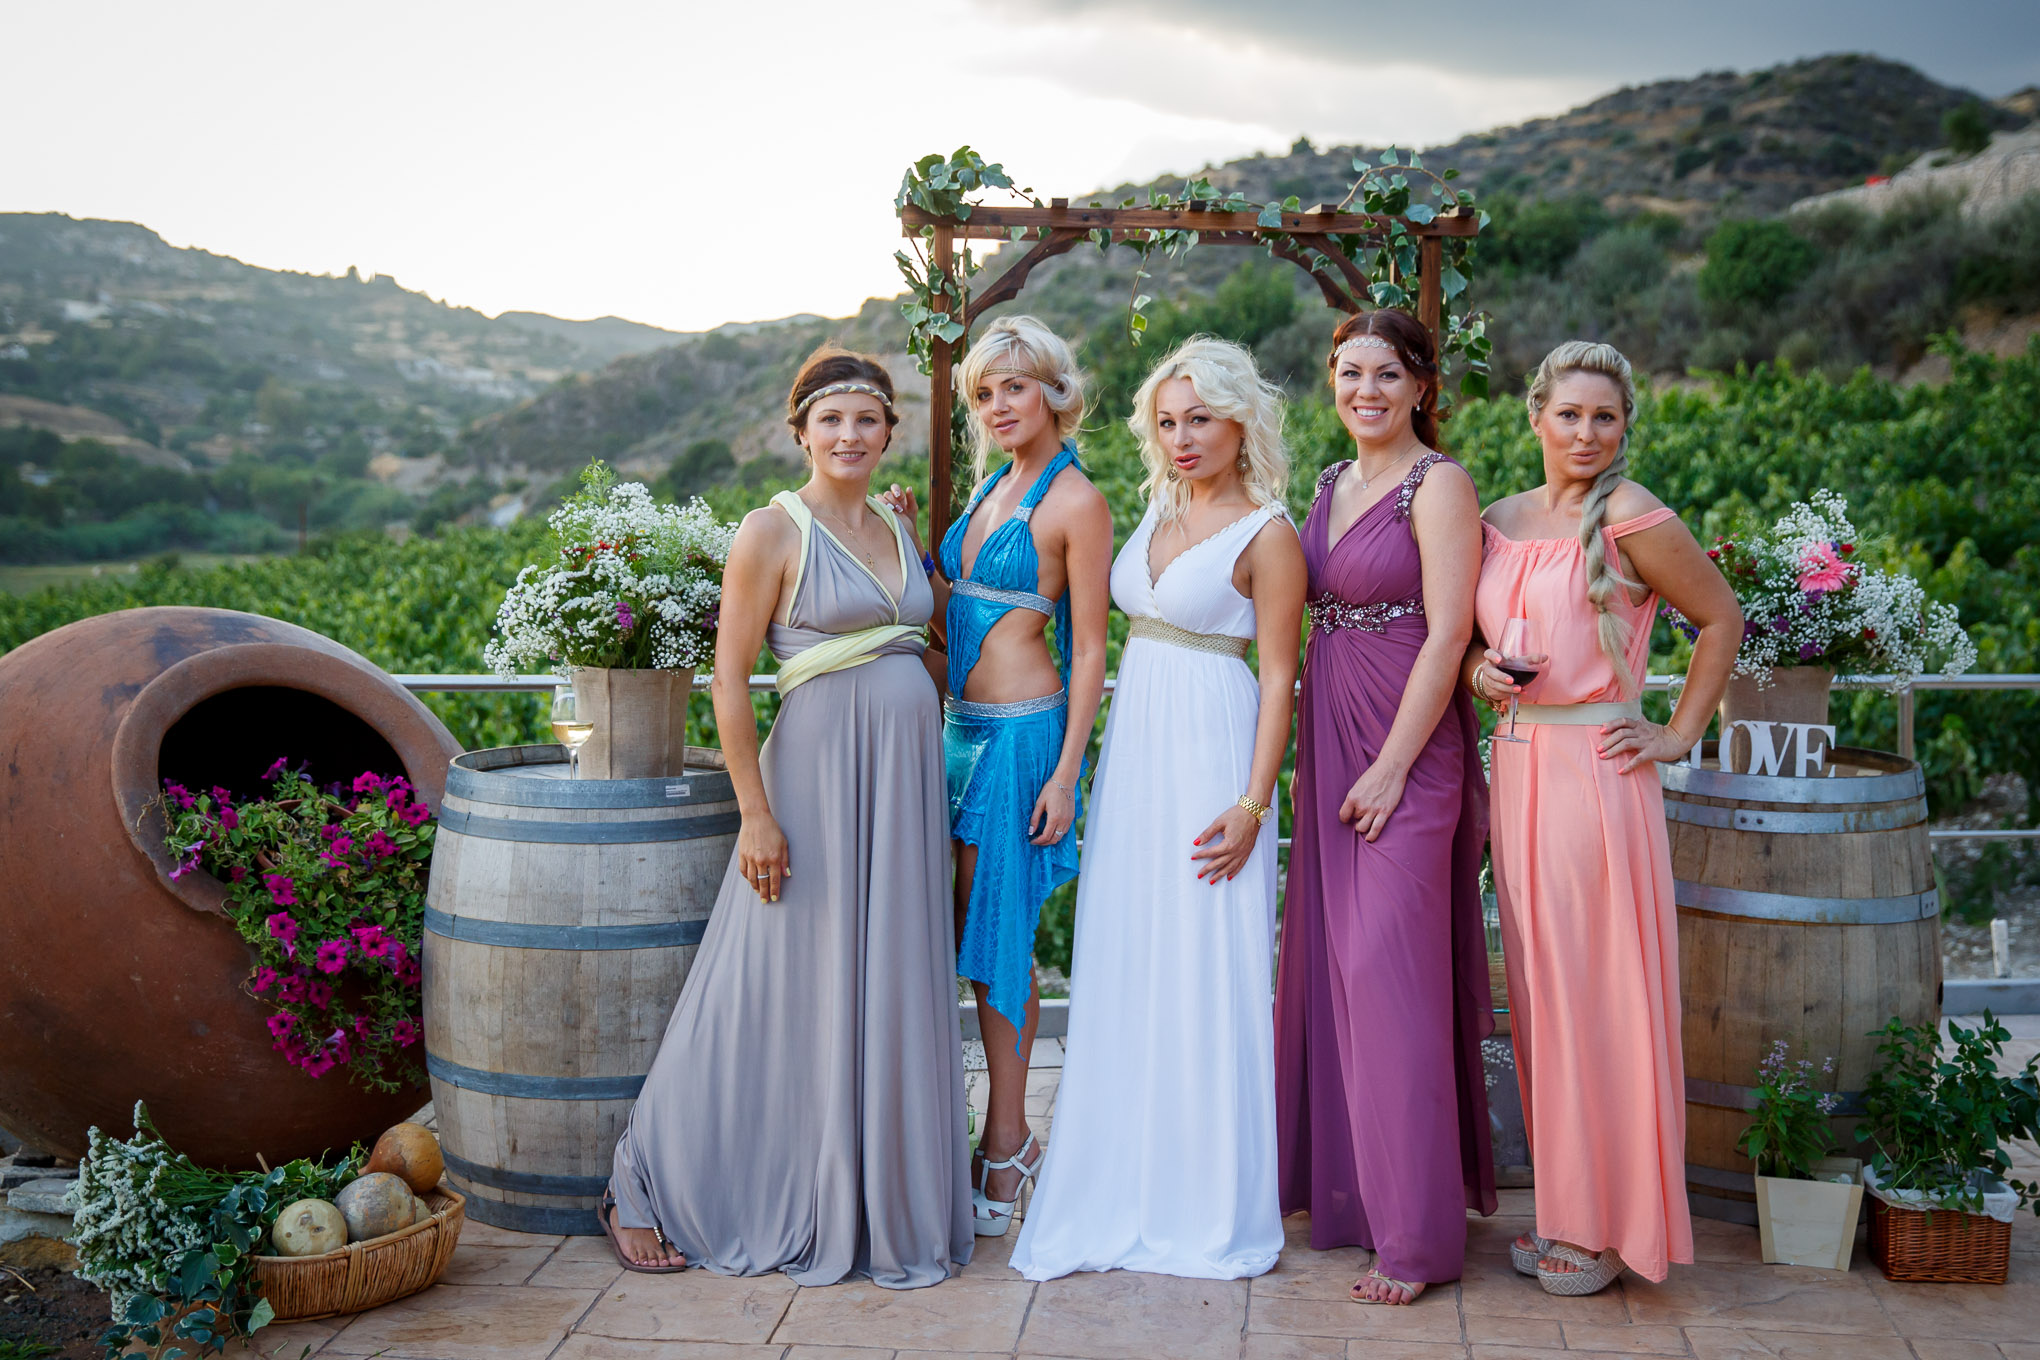 Вечеринка на Кипре, вакханалия на олимпе, девичник на Кипре